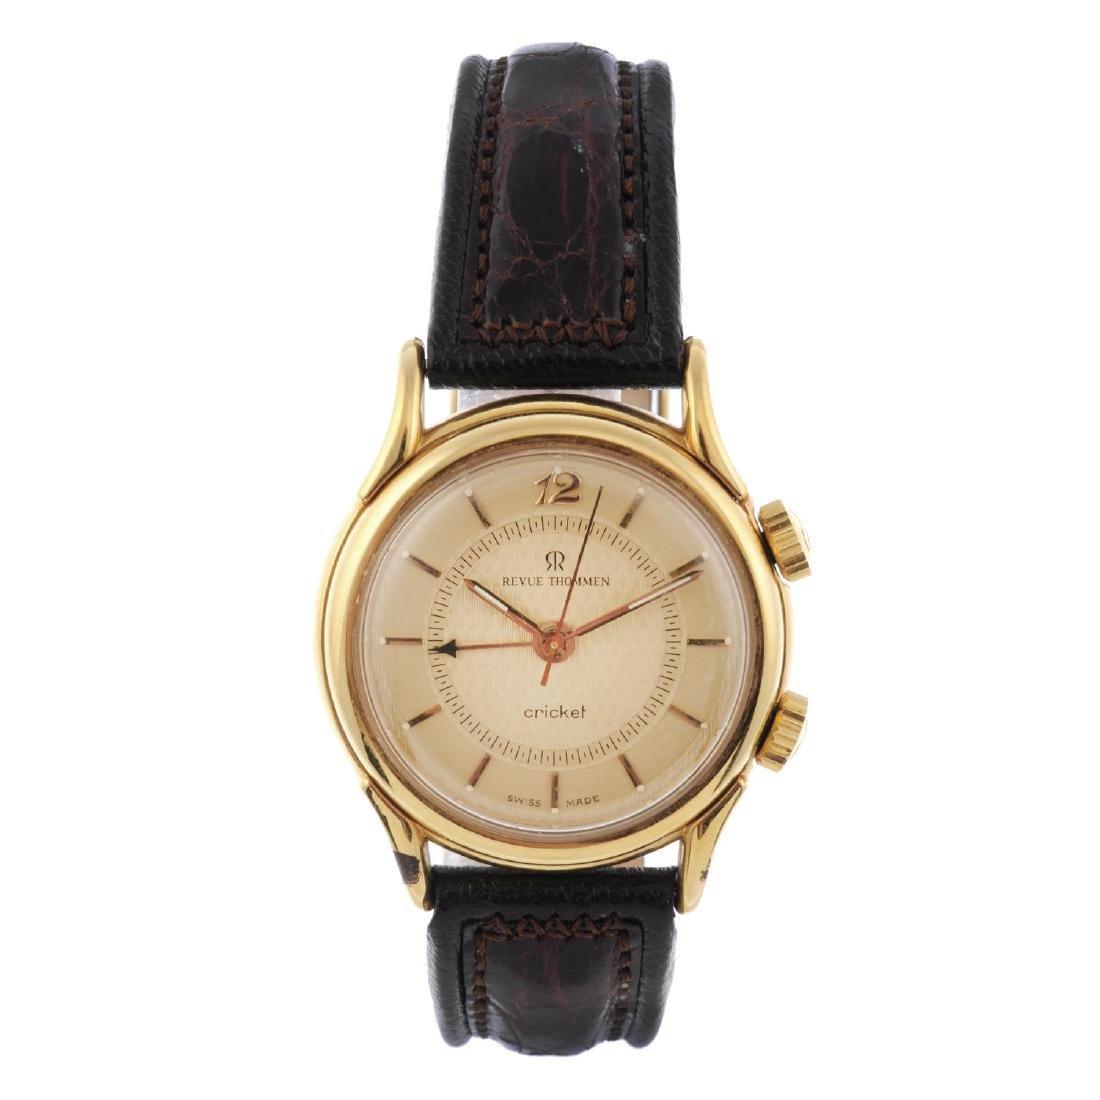 REVUE THOMMEN - a gentleman's Cricket alarm wrist